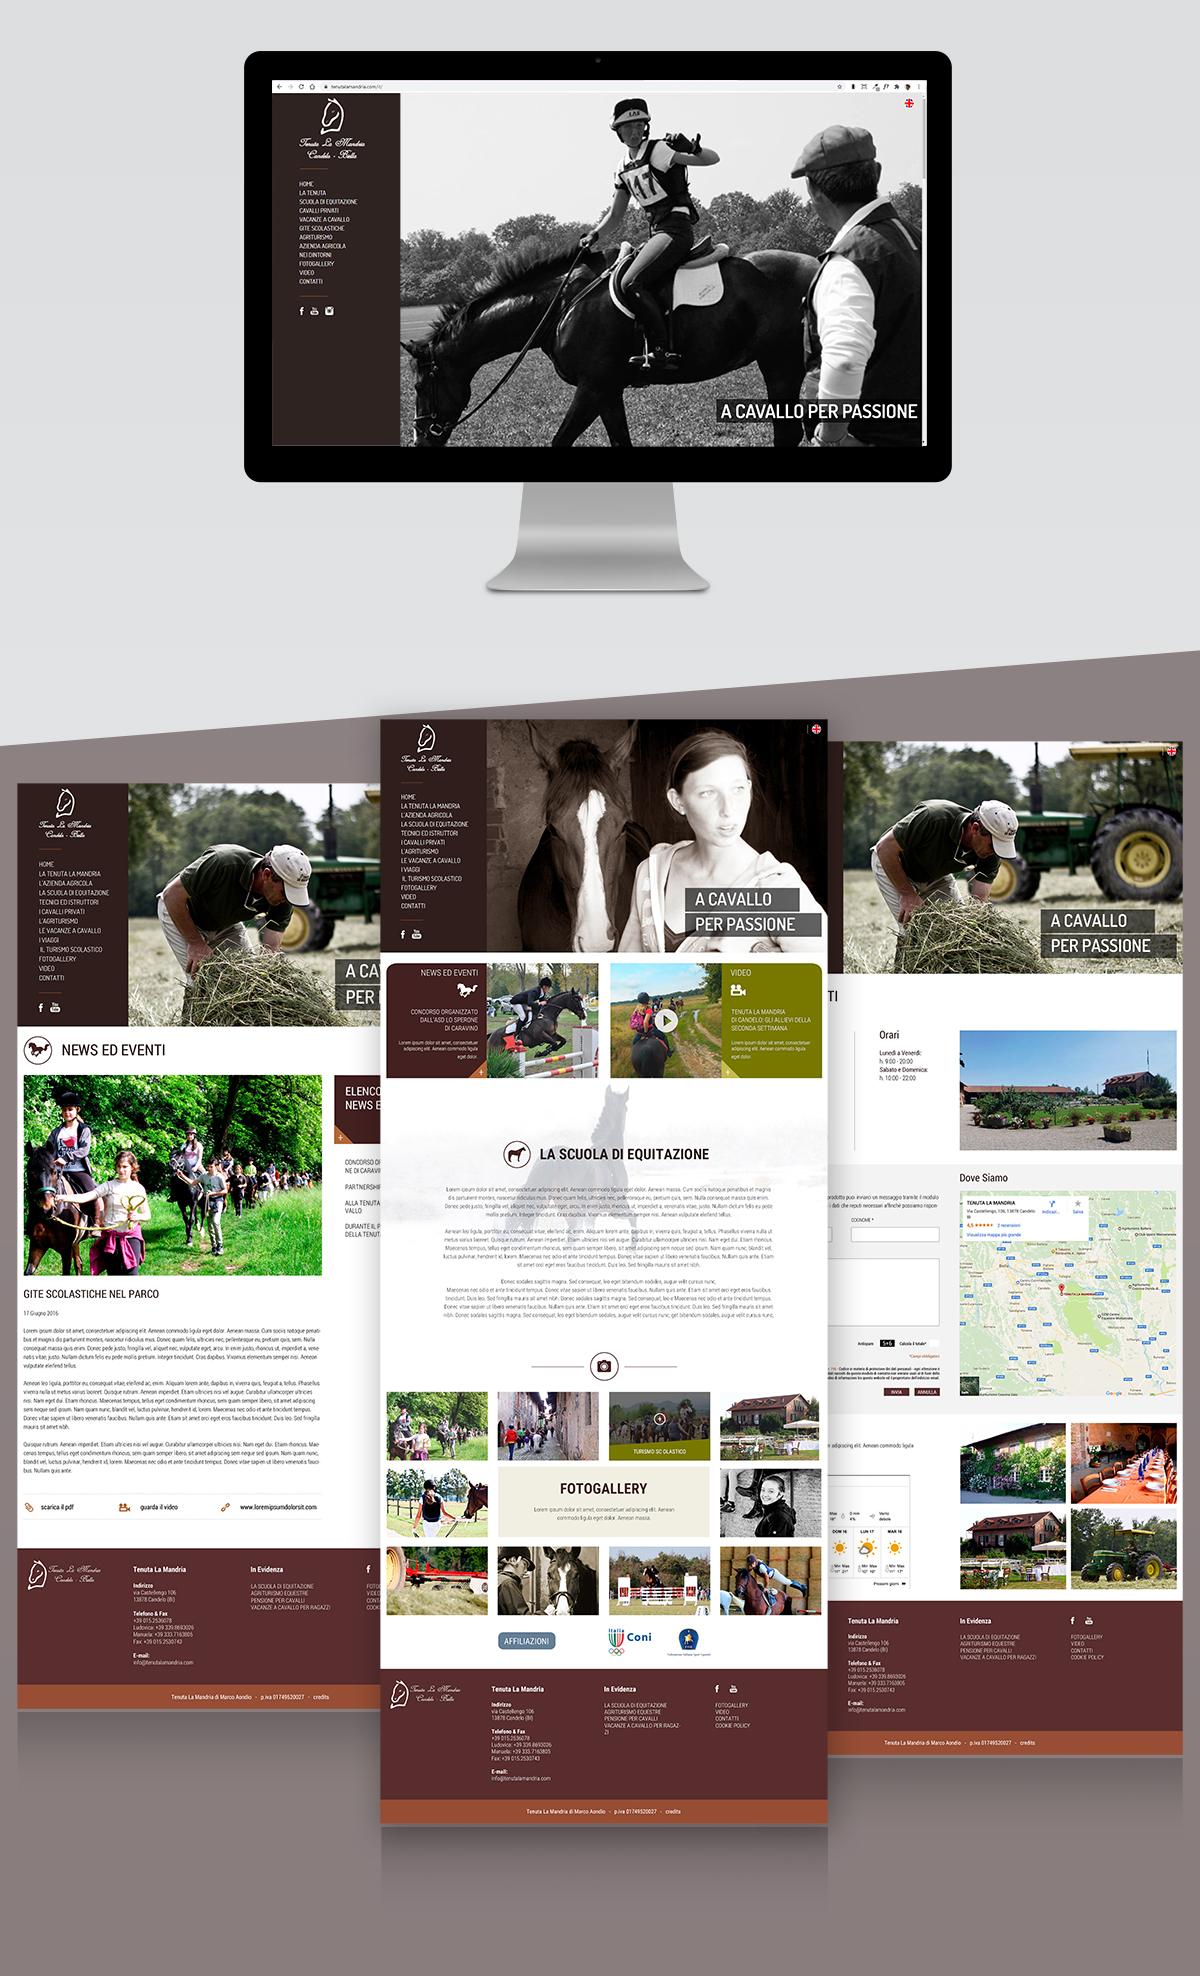 https://maxmaraucci.it/wp-content/uploads/2020/08/Tenuta-LaMandria_02_layout-scroll-1.jpg